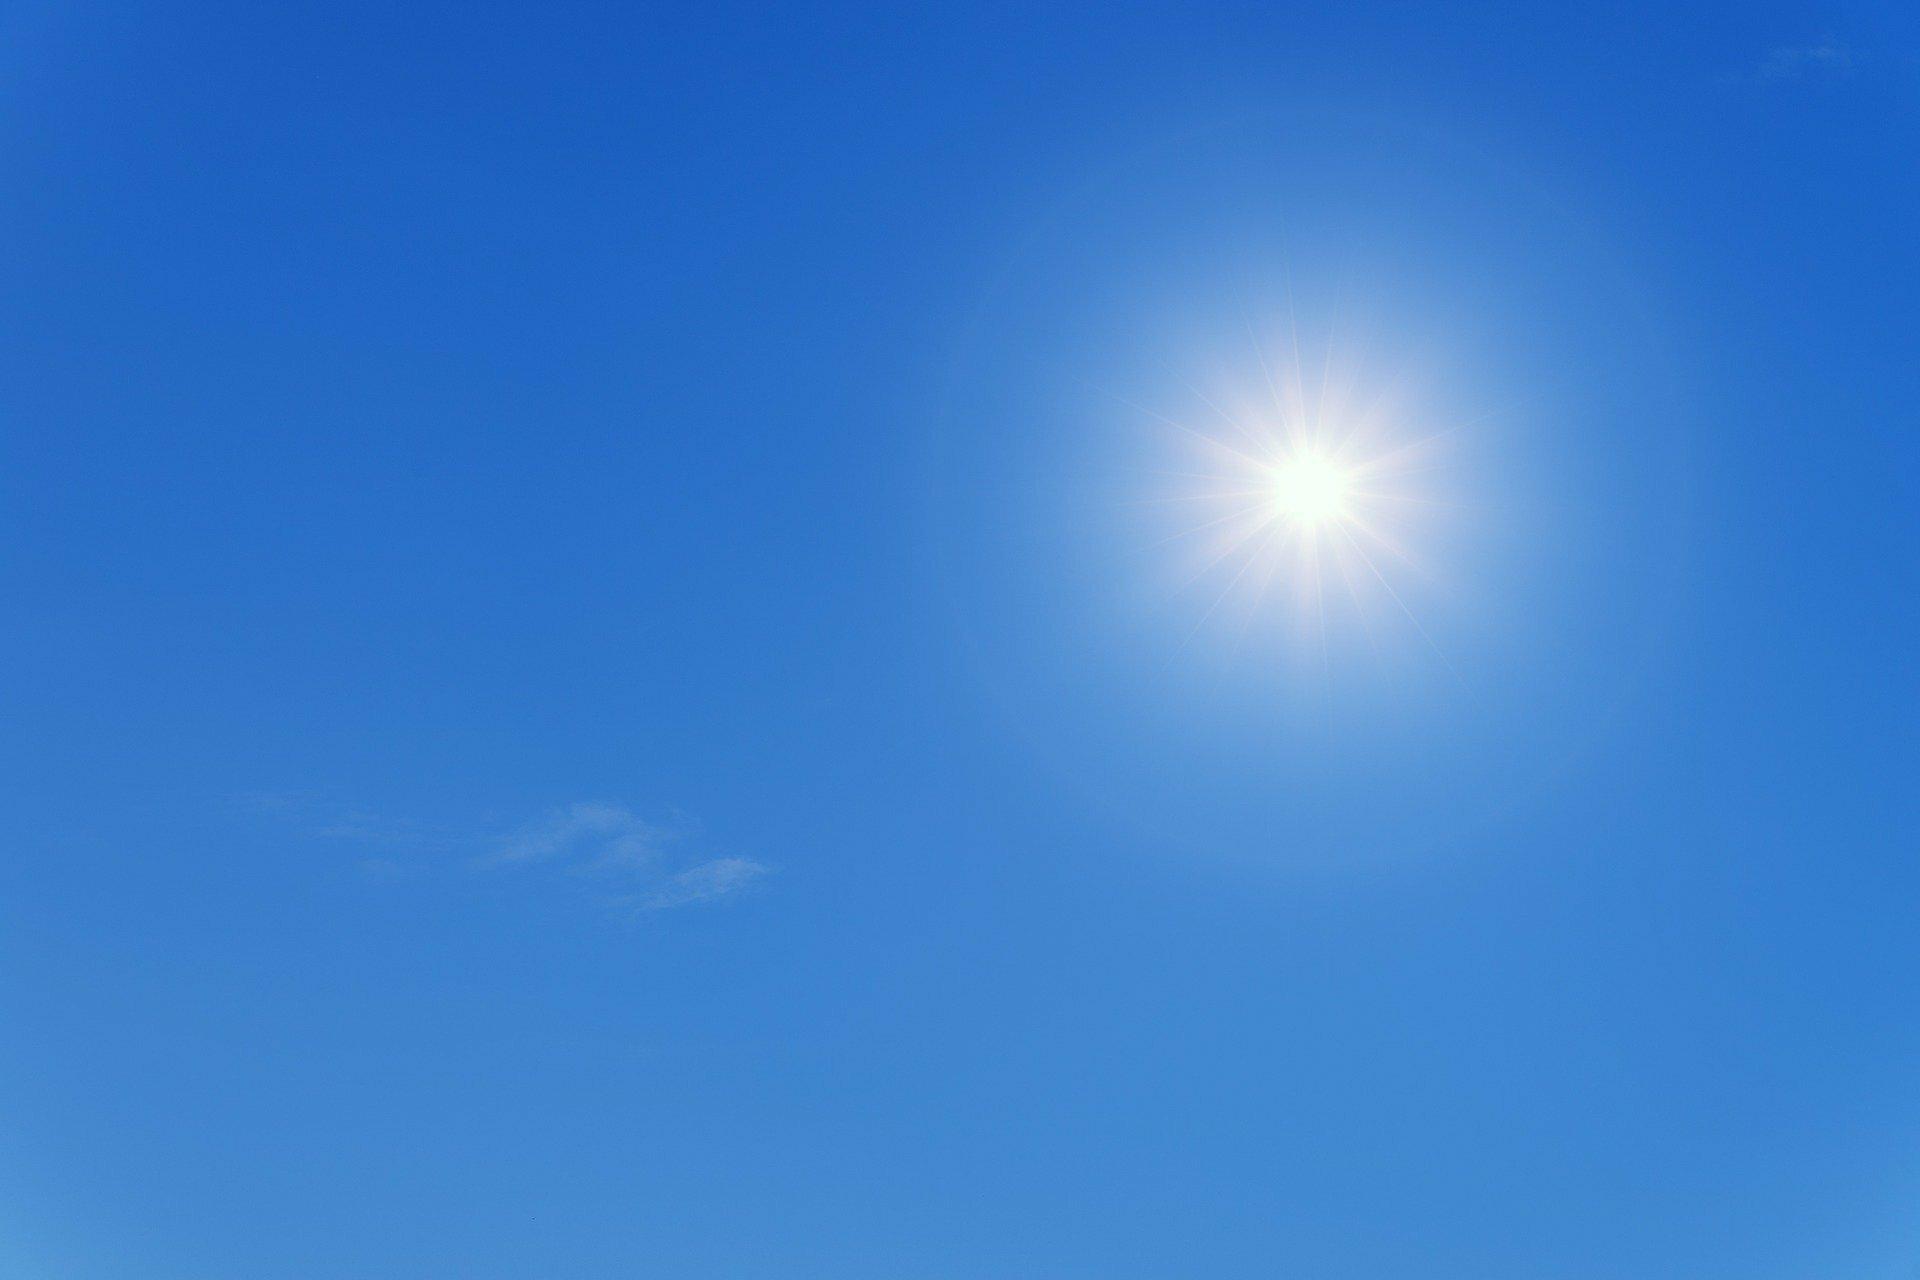 Eine gleißend helle Sommersonne am blauen Himmel.